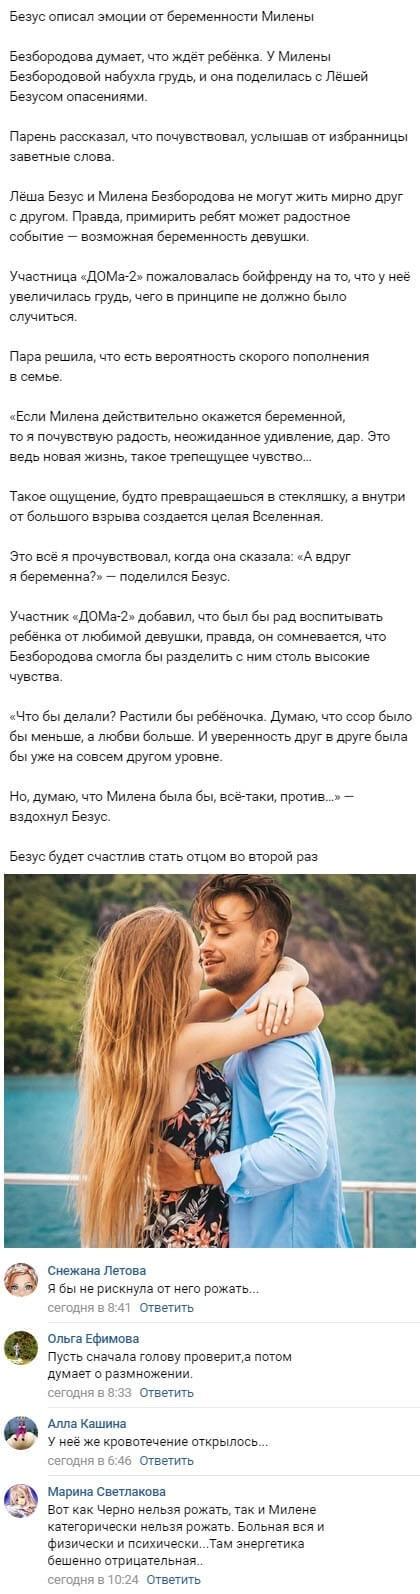 Милену Безбородову экстренно госпитализировали в отделение гинекологии